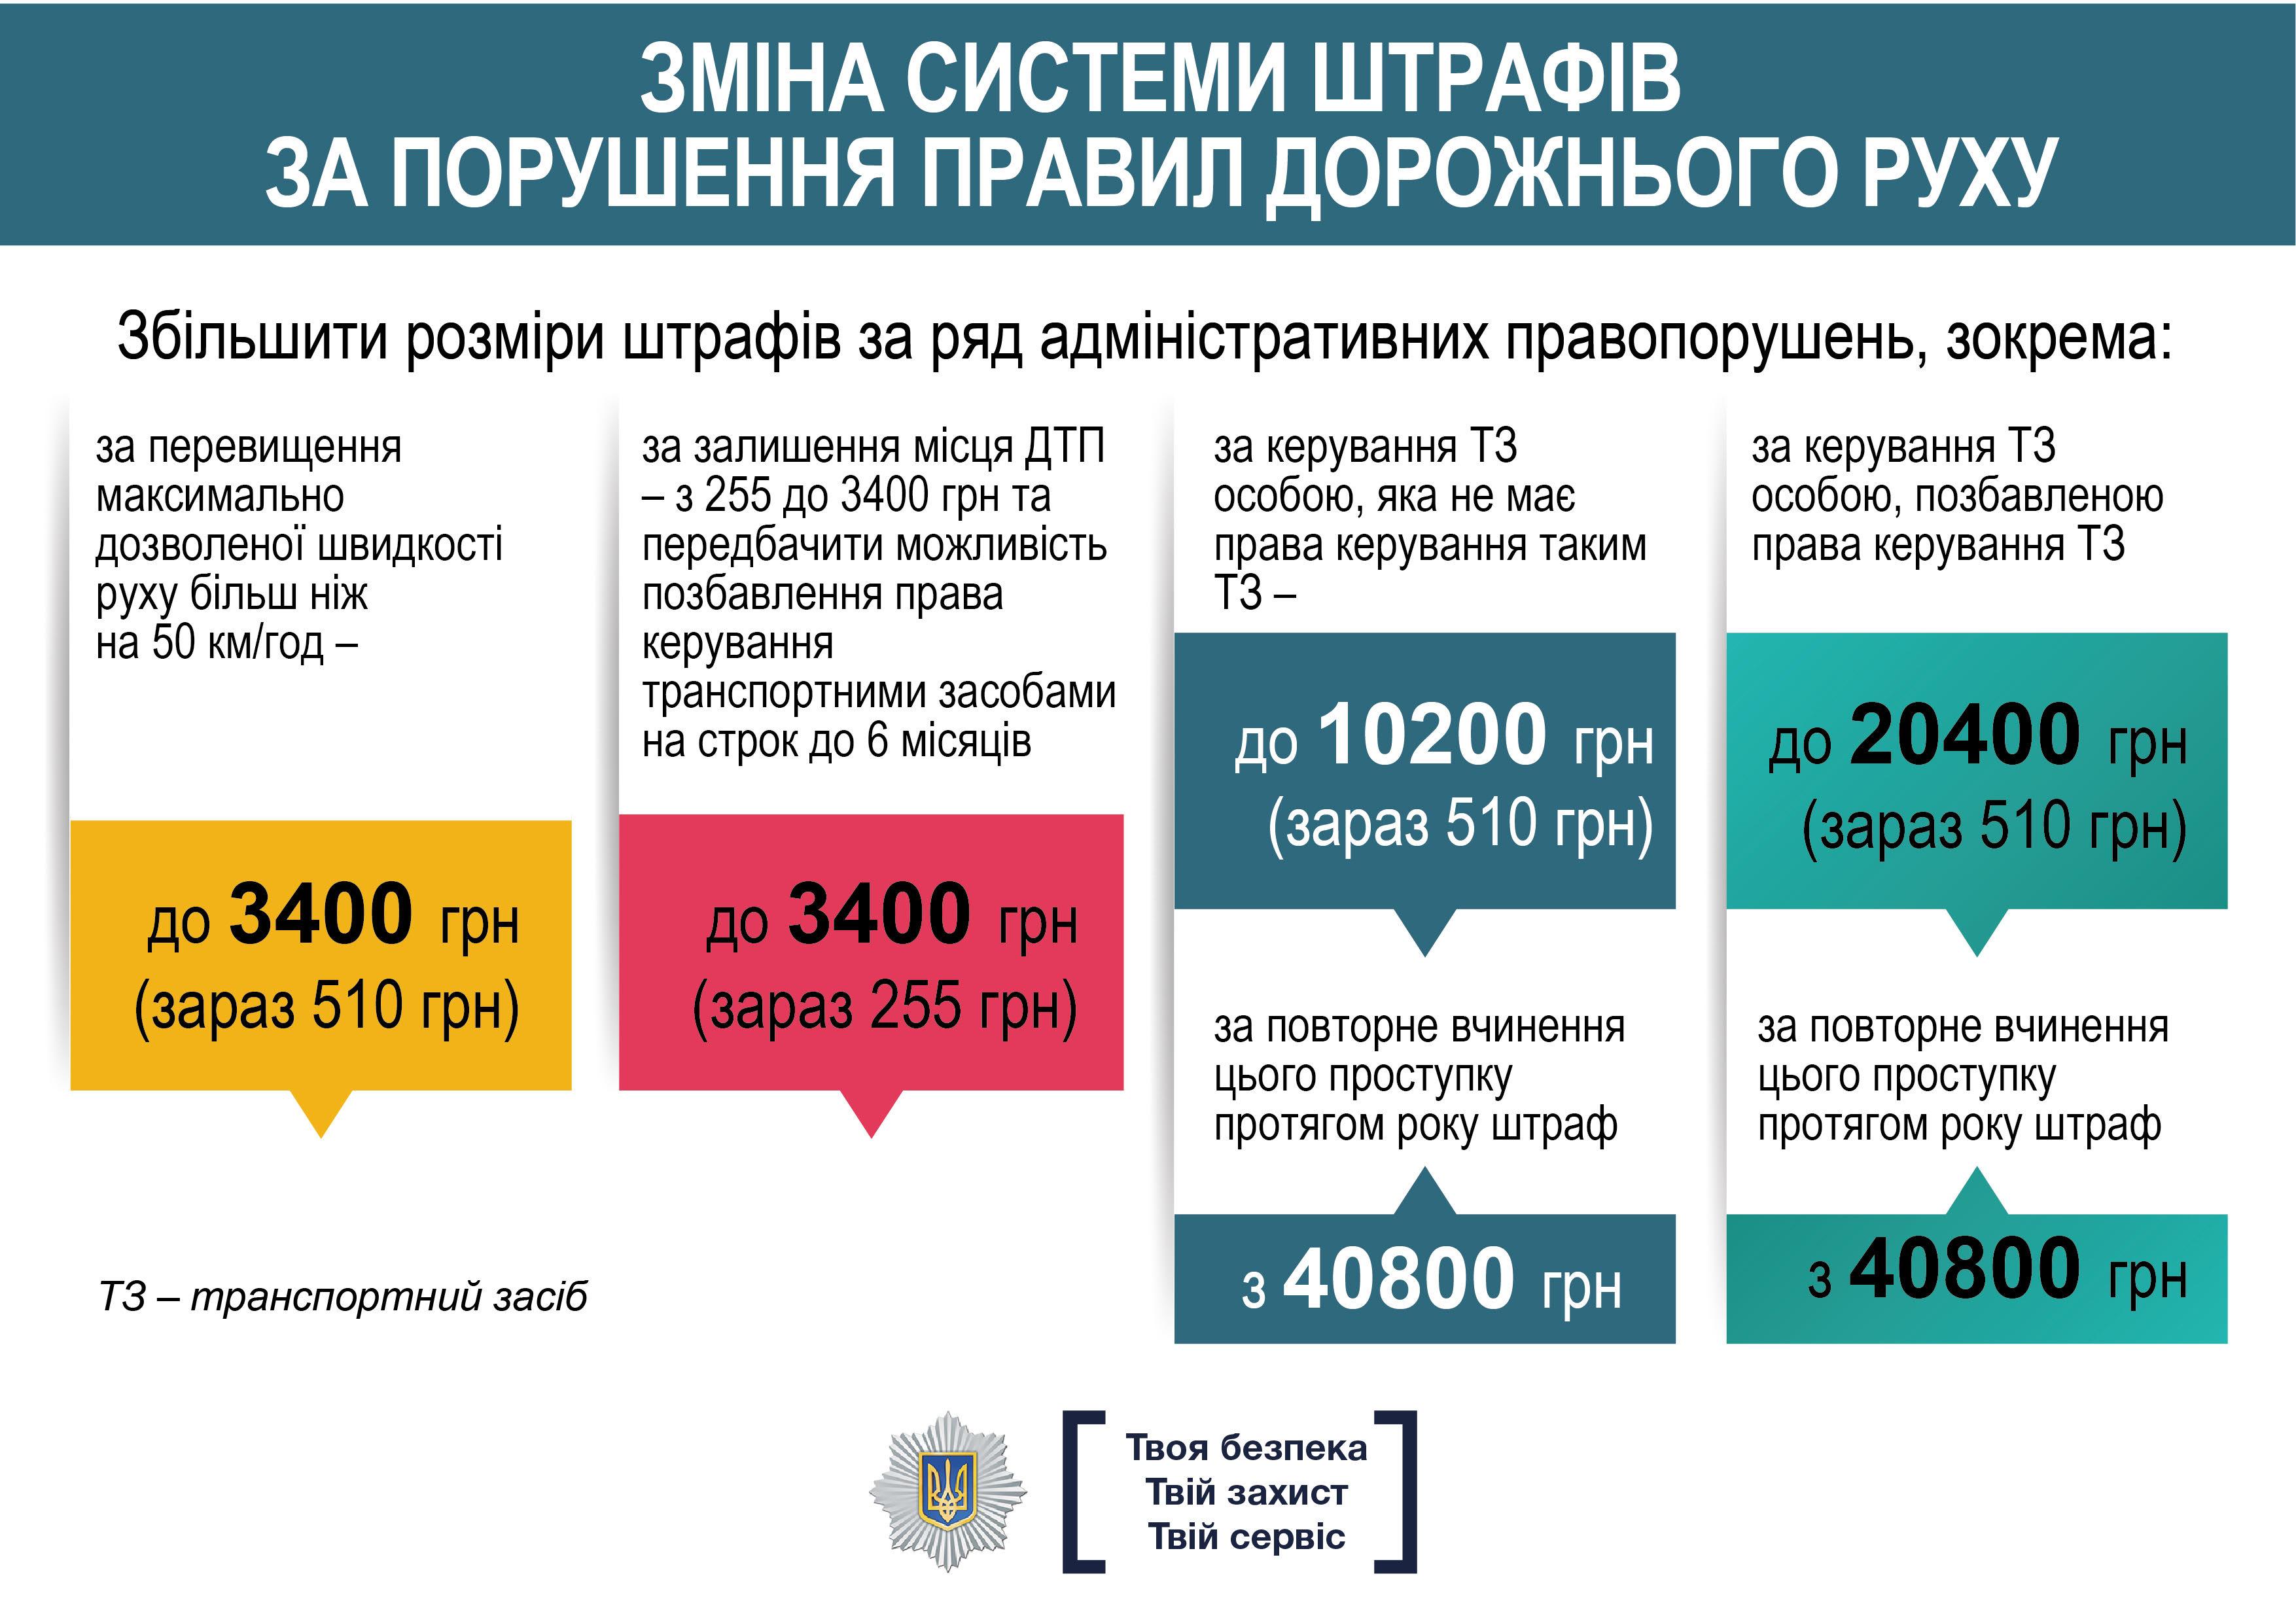 Арсен Аваков закликає парламент посилити відповідальність за порушення правил дорожнього руху (інфографіка)